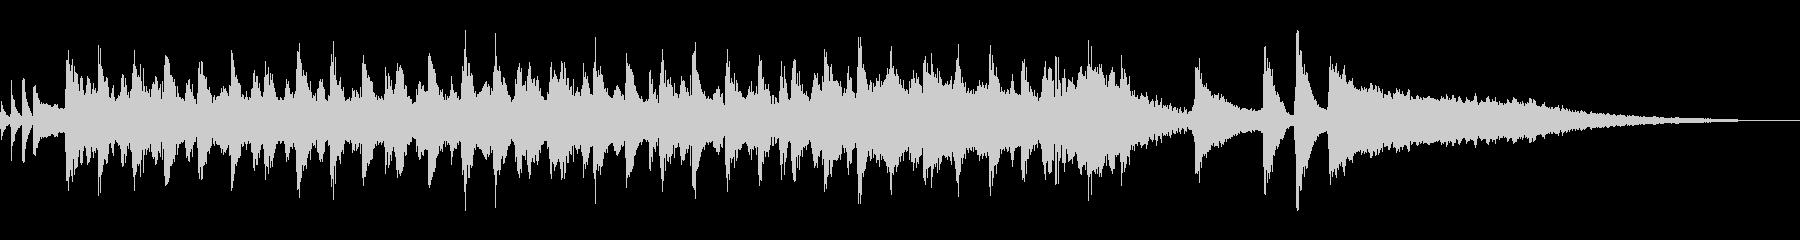 アコースティックバンド明るいBGM短尺の未再生の波形